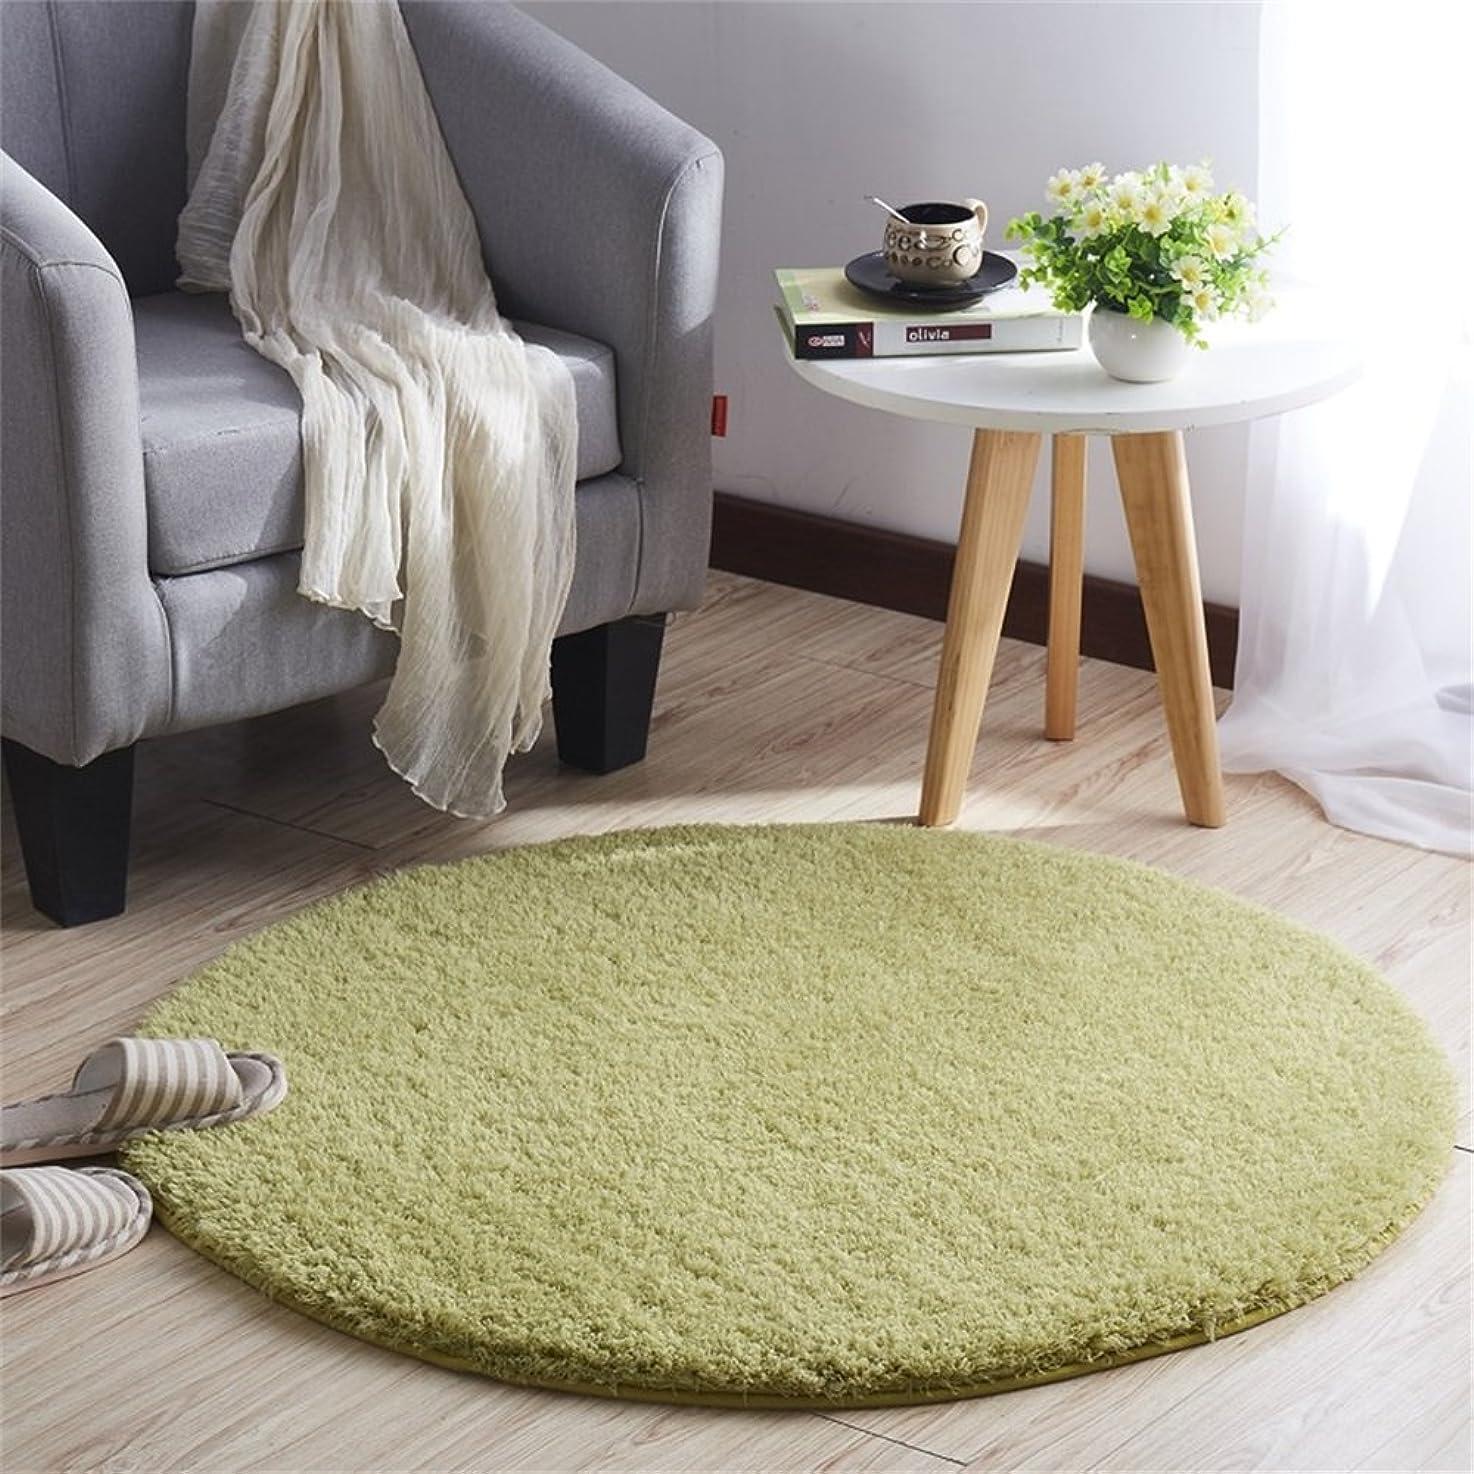 望まない動詞虚弱CLAXAM 一瞬だけでとろけそう~!ラブリーシャギーラグ 丸い絨毯 極上の繊細さと柔らかさ、サラサラな質感で、あなたの欠かせない家飾りの味方 (80cm, グラスグリーン)